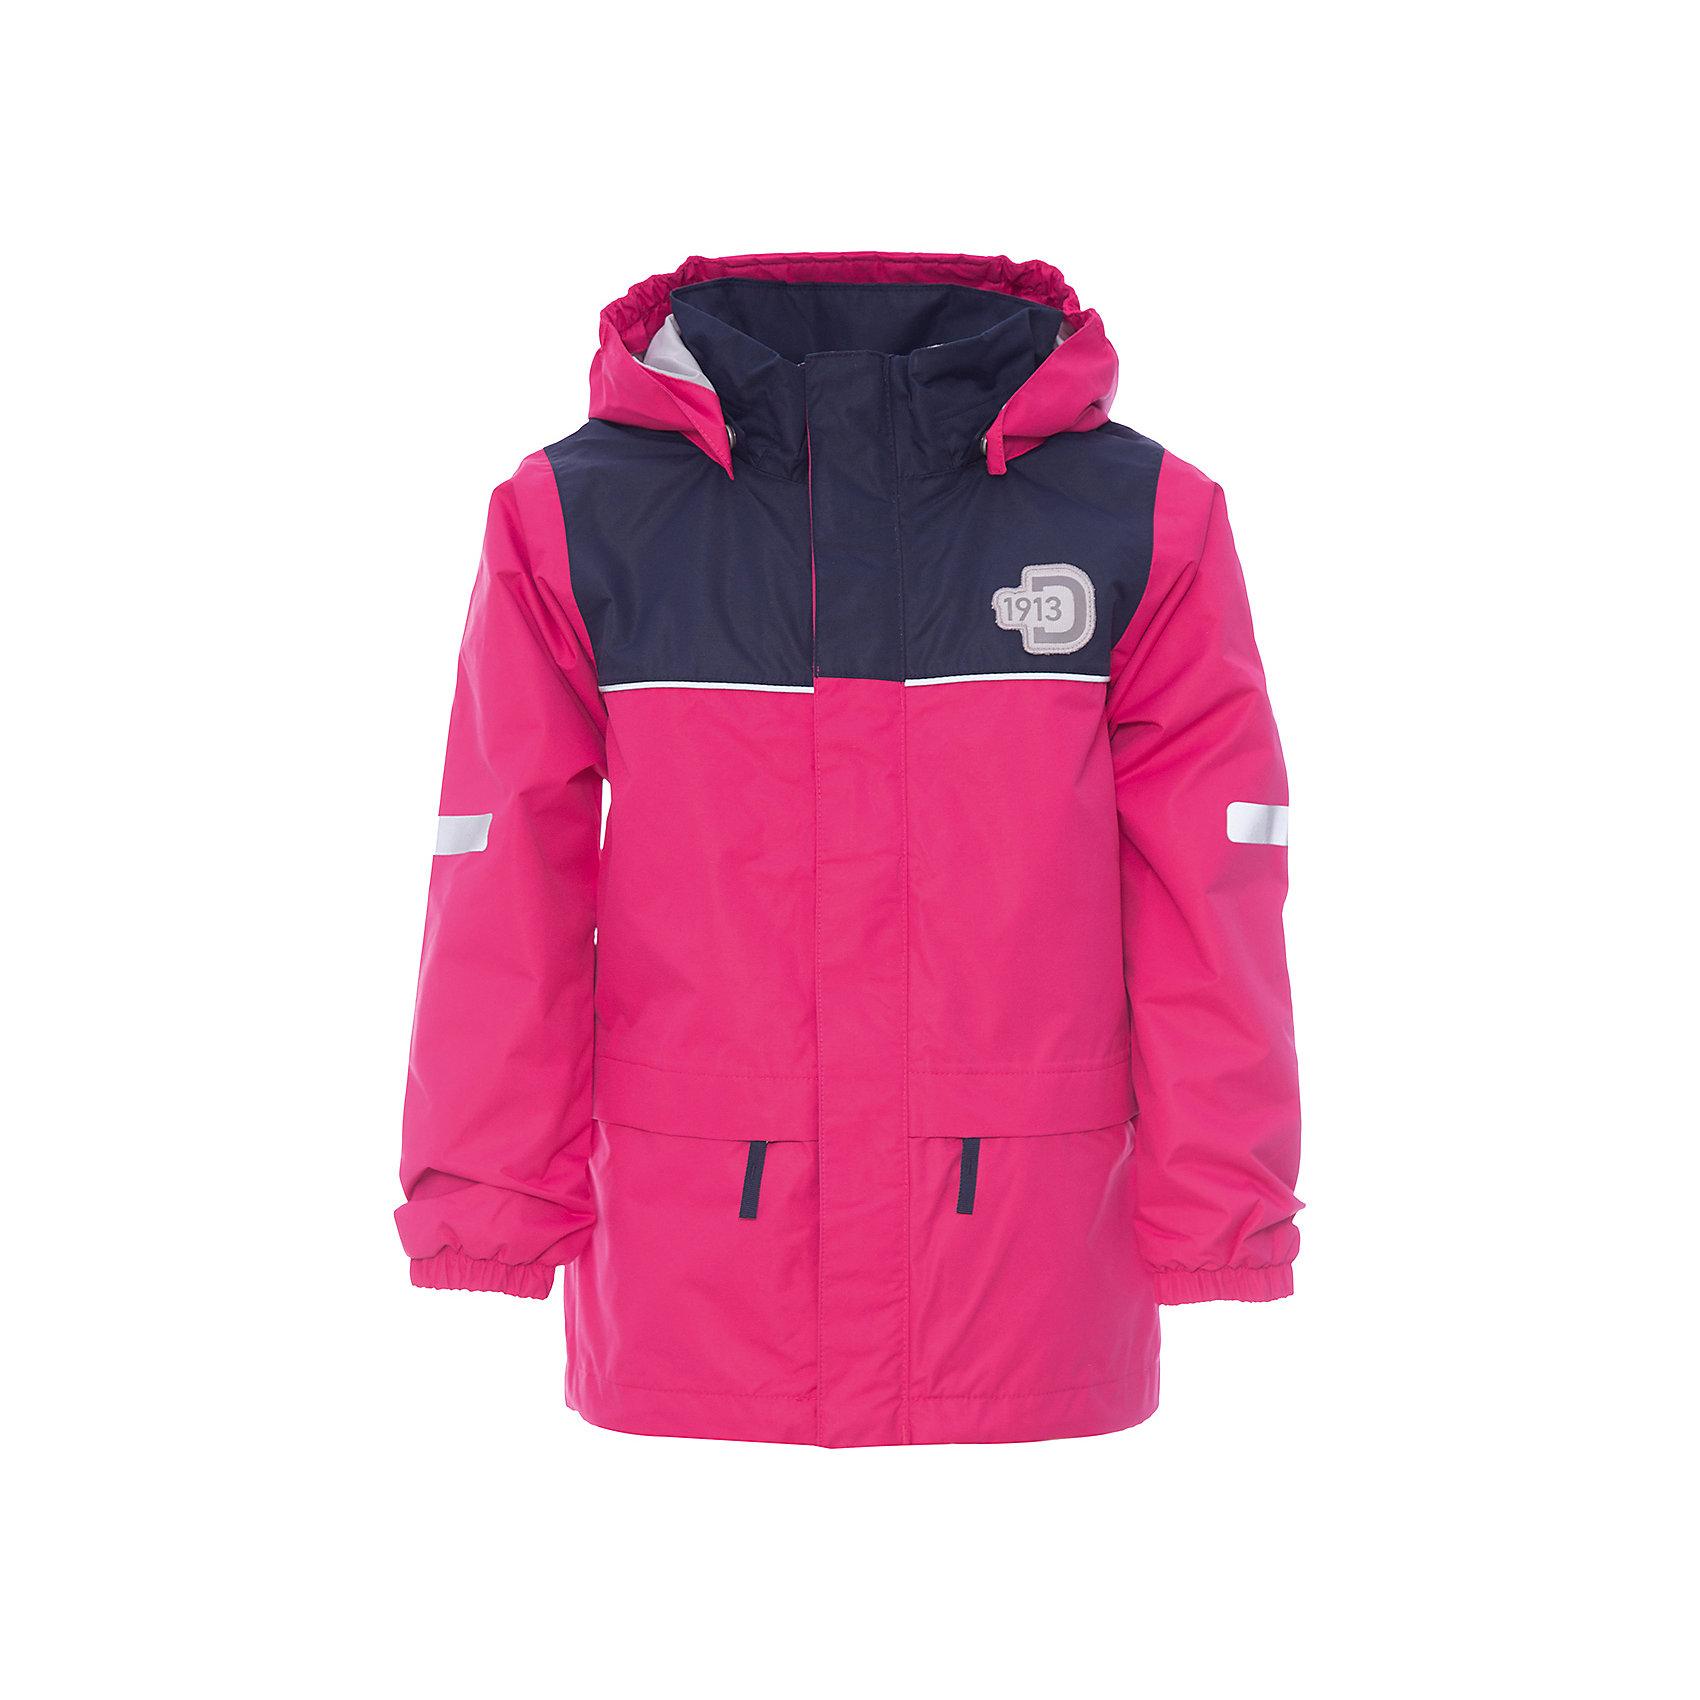 Куртка JEZERI для девочки DIDRIKSONSКуртка из непромокаемой и непродуваемой мембранной ткани. Все швы проклеены, что обеспечивает максимальную защиту от внешней влаги. Подкладка из полиэстера. Съемный регулируемый капюшон. Рукава -  на резинке. Светоотражатели. Модель растет вместе с ребенком: уникальный крой изделия позволяет при необходимости увеличить длину рукавов на один размер, распустив специальный внутренний шов. Практичная демисезонная куртка - идеальный вариант для прогулок на свежем воздухе в весеннюю или осеннюю пору. <br>Состав:<br>Верх - 100% полиэстер, подкладка - 100% полиэстер<br><br>Ширина мм: 356<br>Глубина мм: 10<br>Высота мм: 245<br>Вес г: 519<br>Цвет: розовый<br>Возраст от месяцев: 60<br>Возраст до месяцев: 72<br>Пол: Женский<br>Возраст: Детский<br>Размер: 120,110,140,90,100,80,130<br>SKU: 5527221